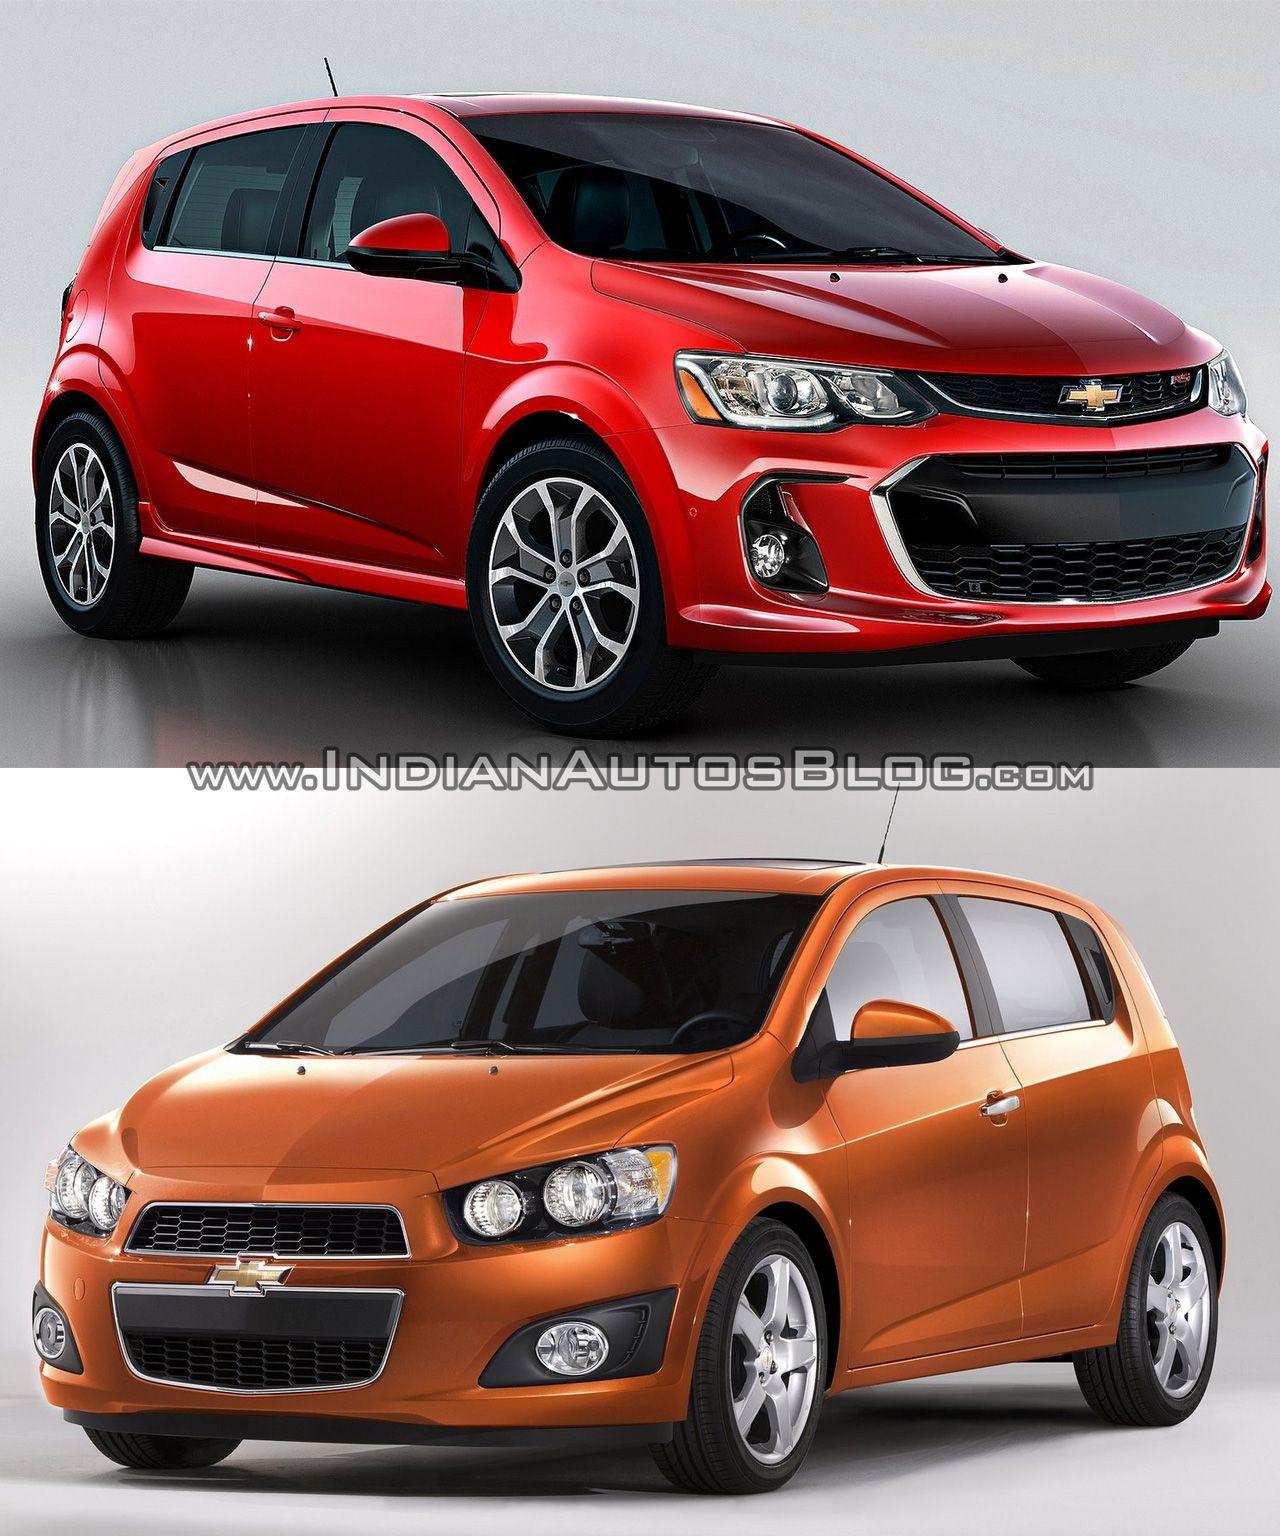 2017 Chevrolet Sonic Facelift Old Vs New Chevrolet Sonic Chevrolet Sonic